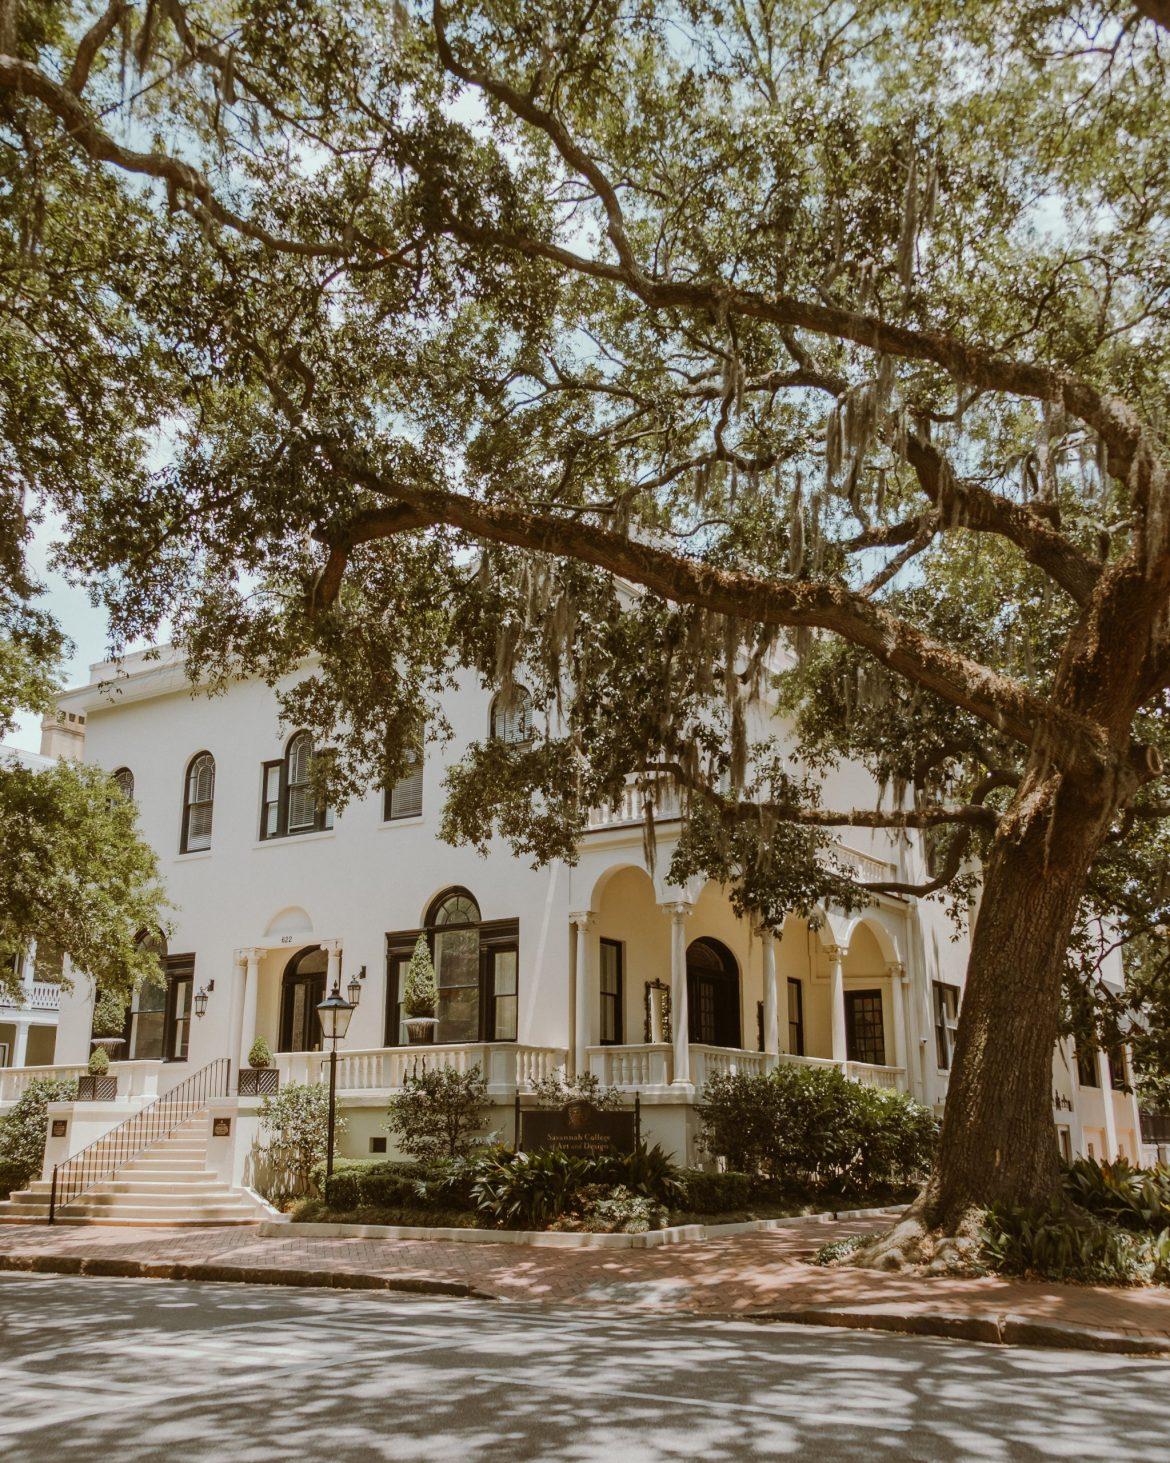 Pretty Southern Homes in Savannah, Georgia